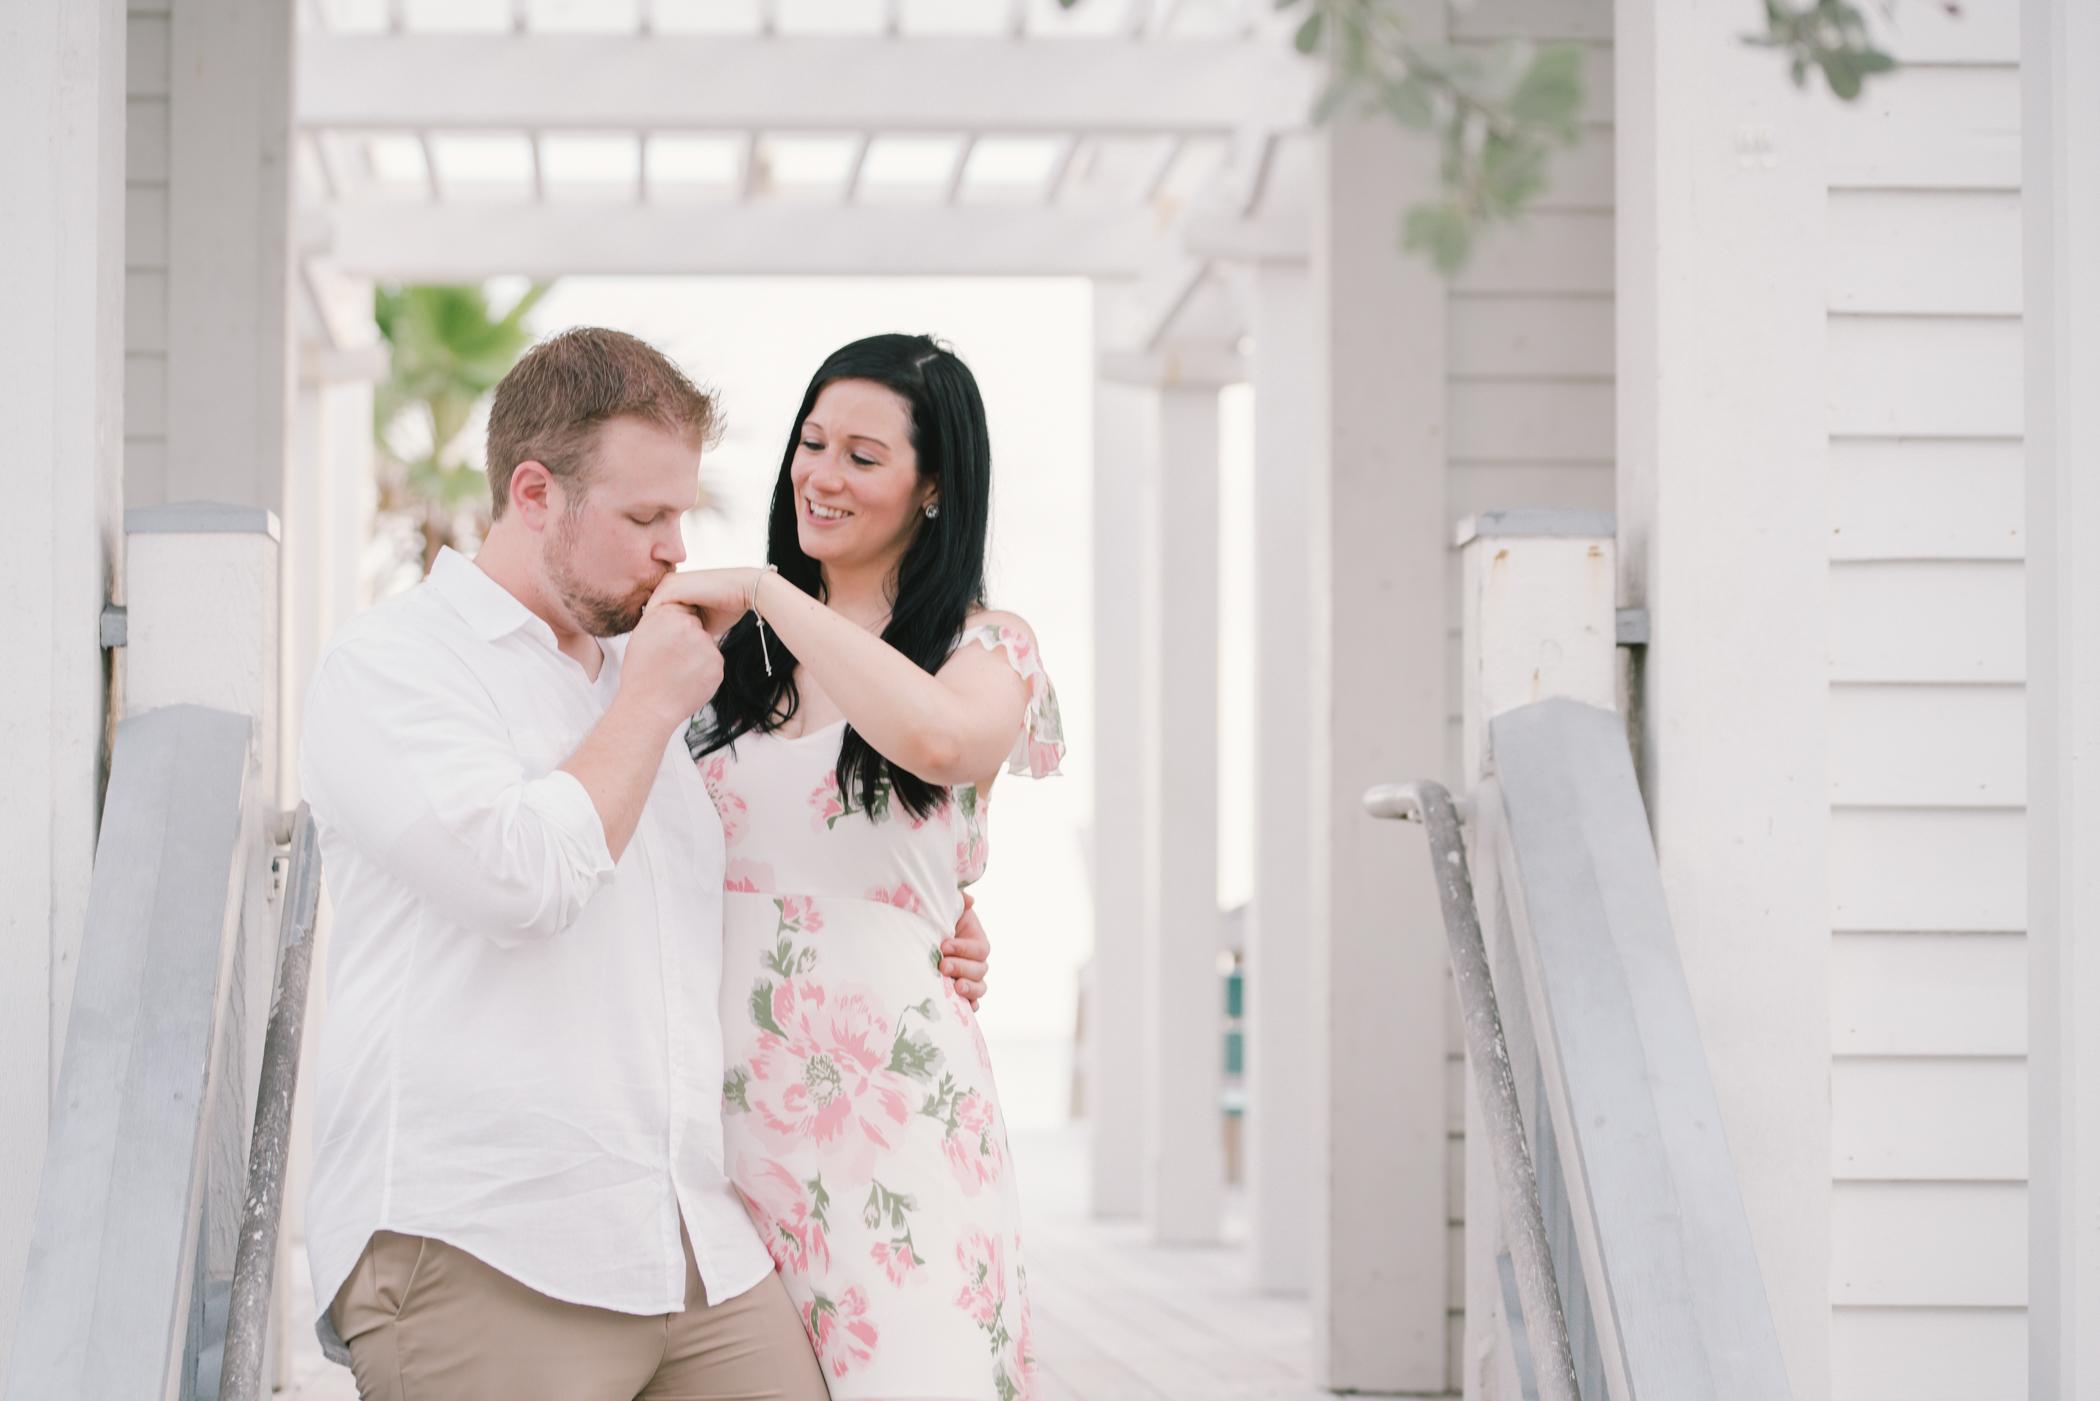 sunset-engagement-photoshoot, tampa-wedding-photographer